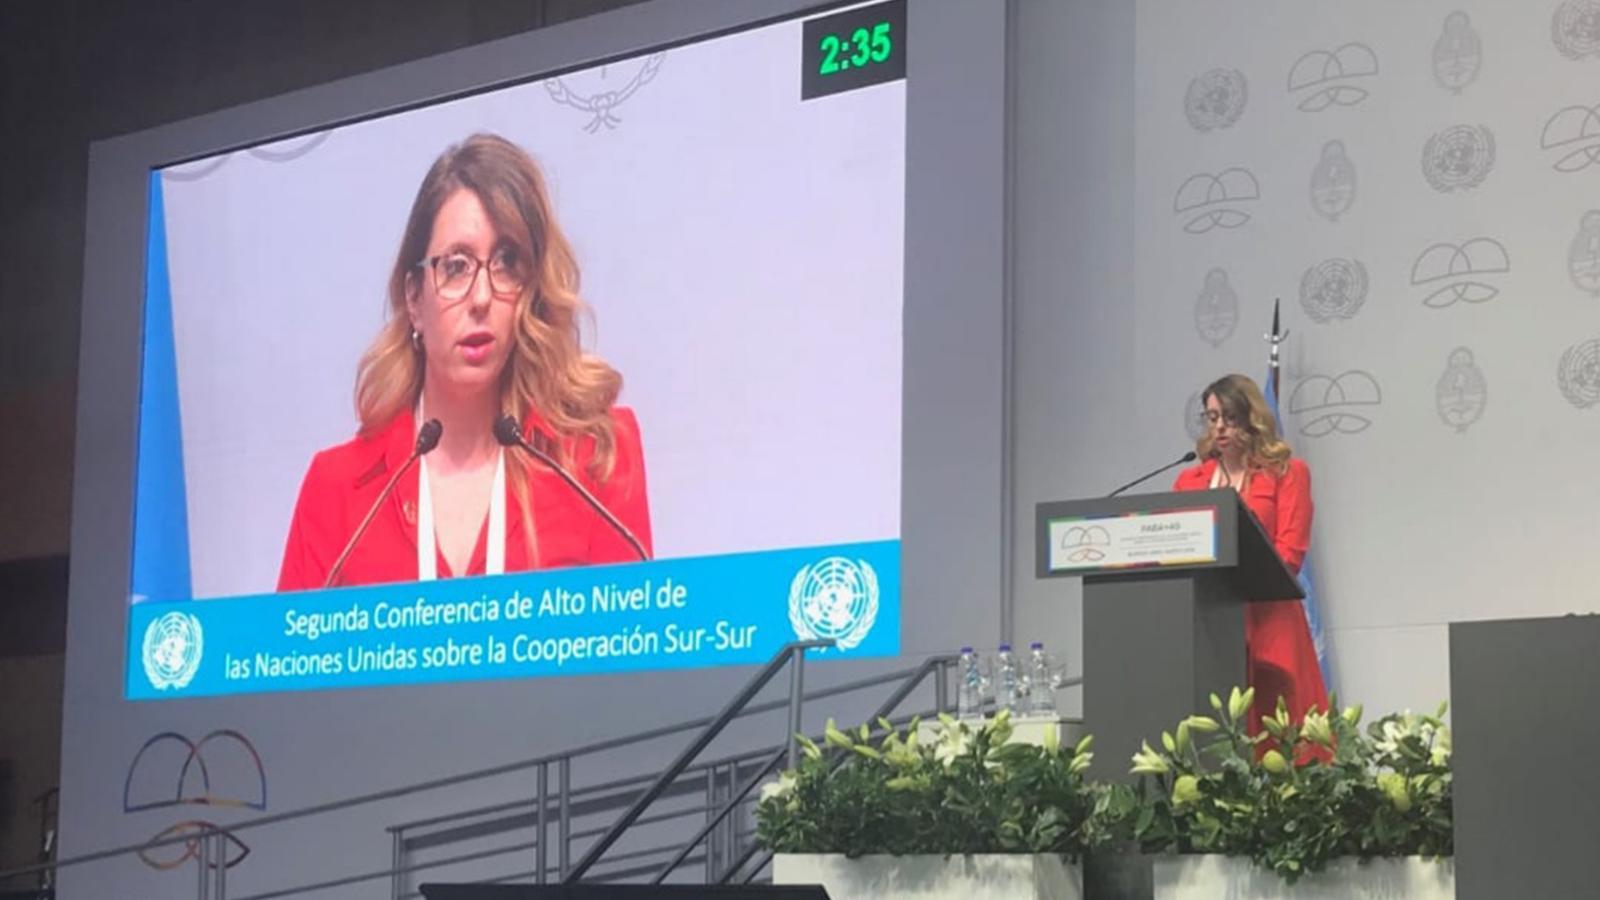 Gemma Cano, en la 2a Conferència d'Alt Nivell de les Nacions Unides sobre Cooperació Sud-Sud a Buenos Aires (Argentina). / SFG